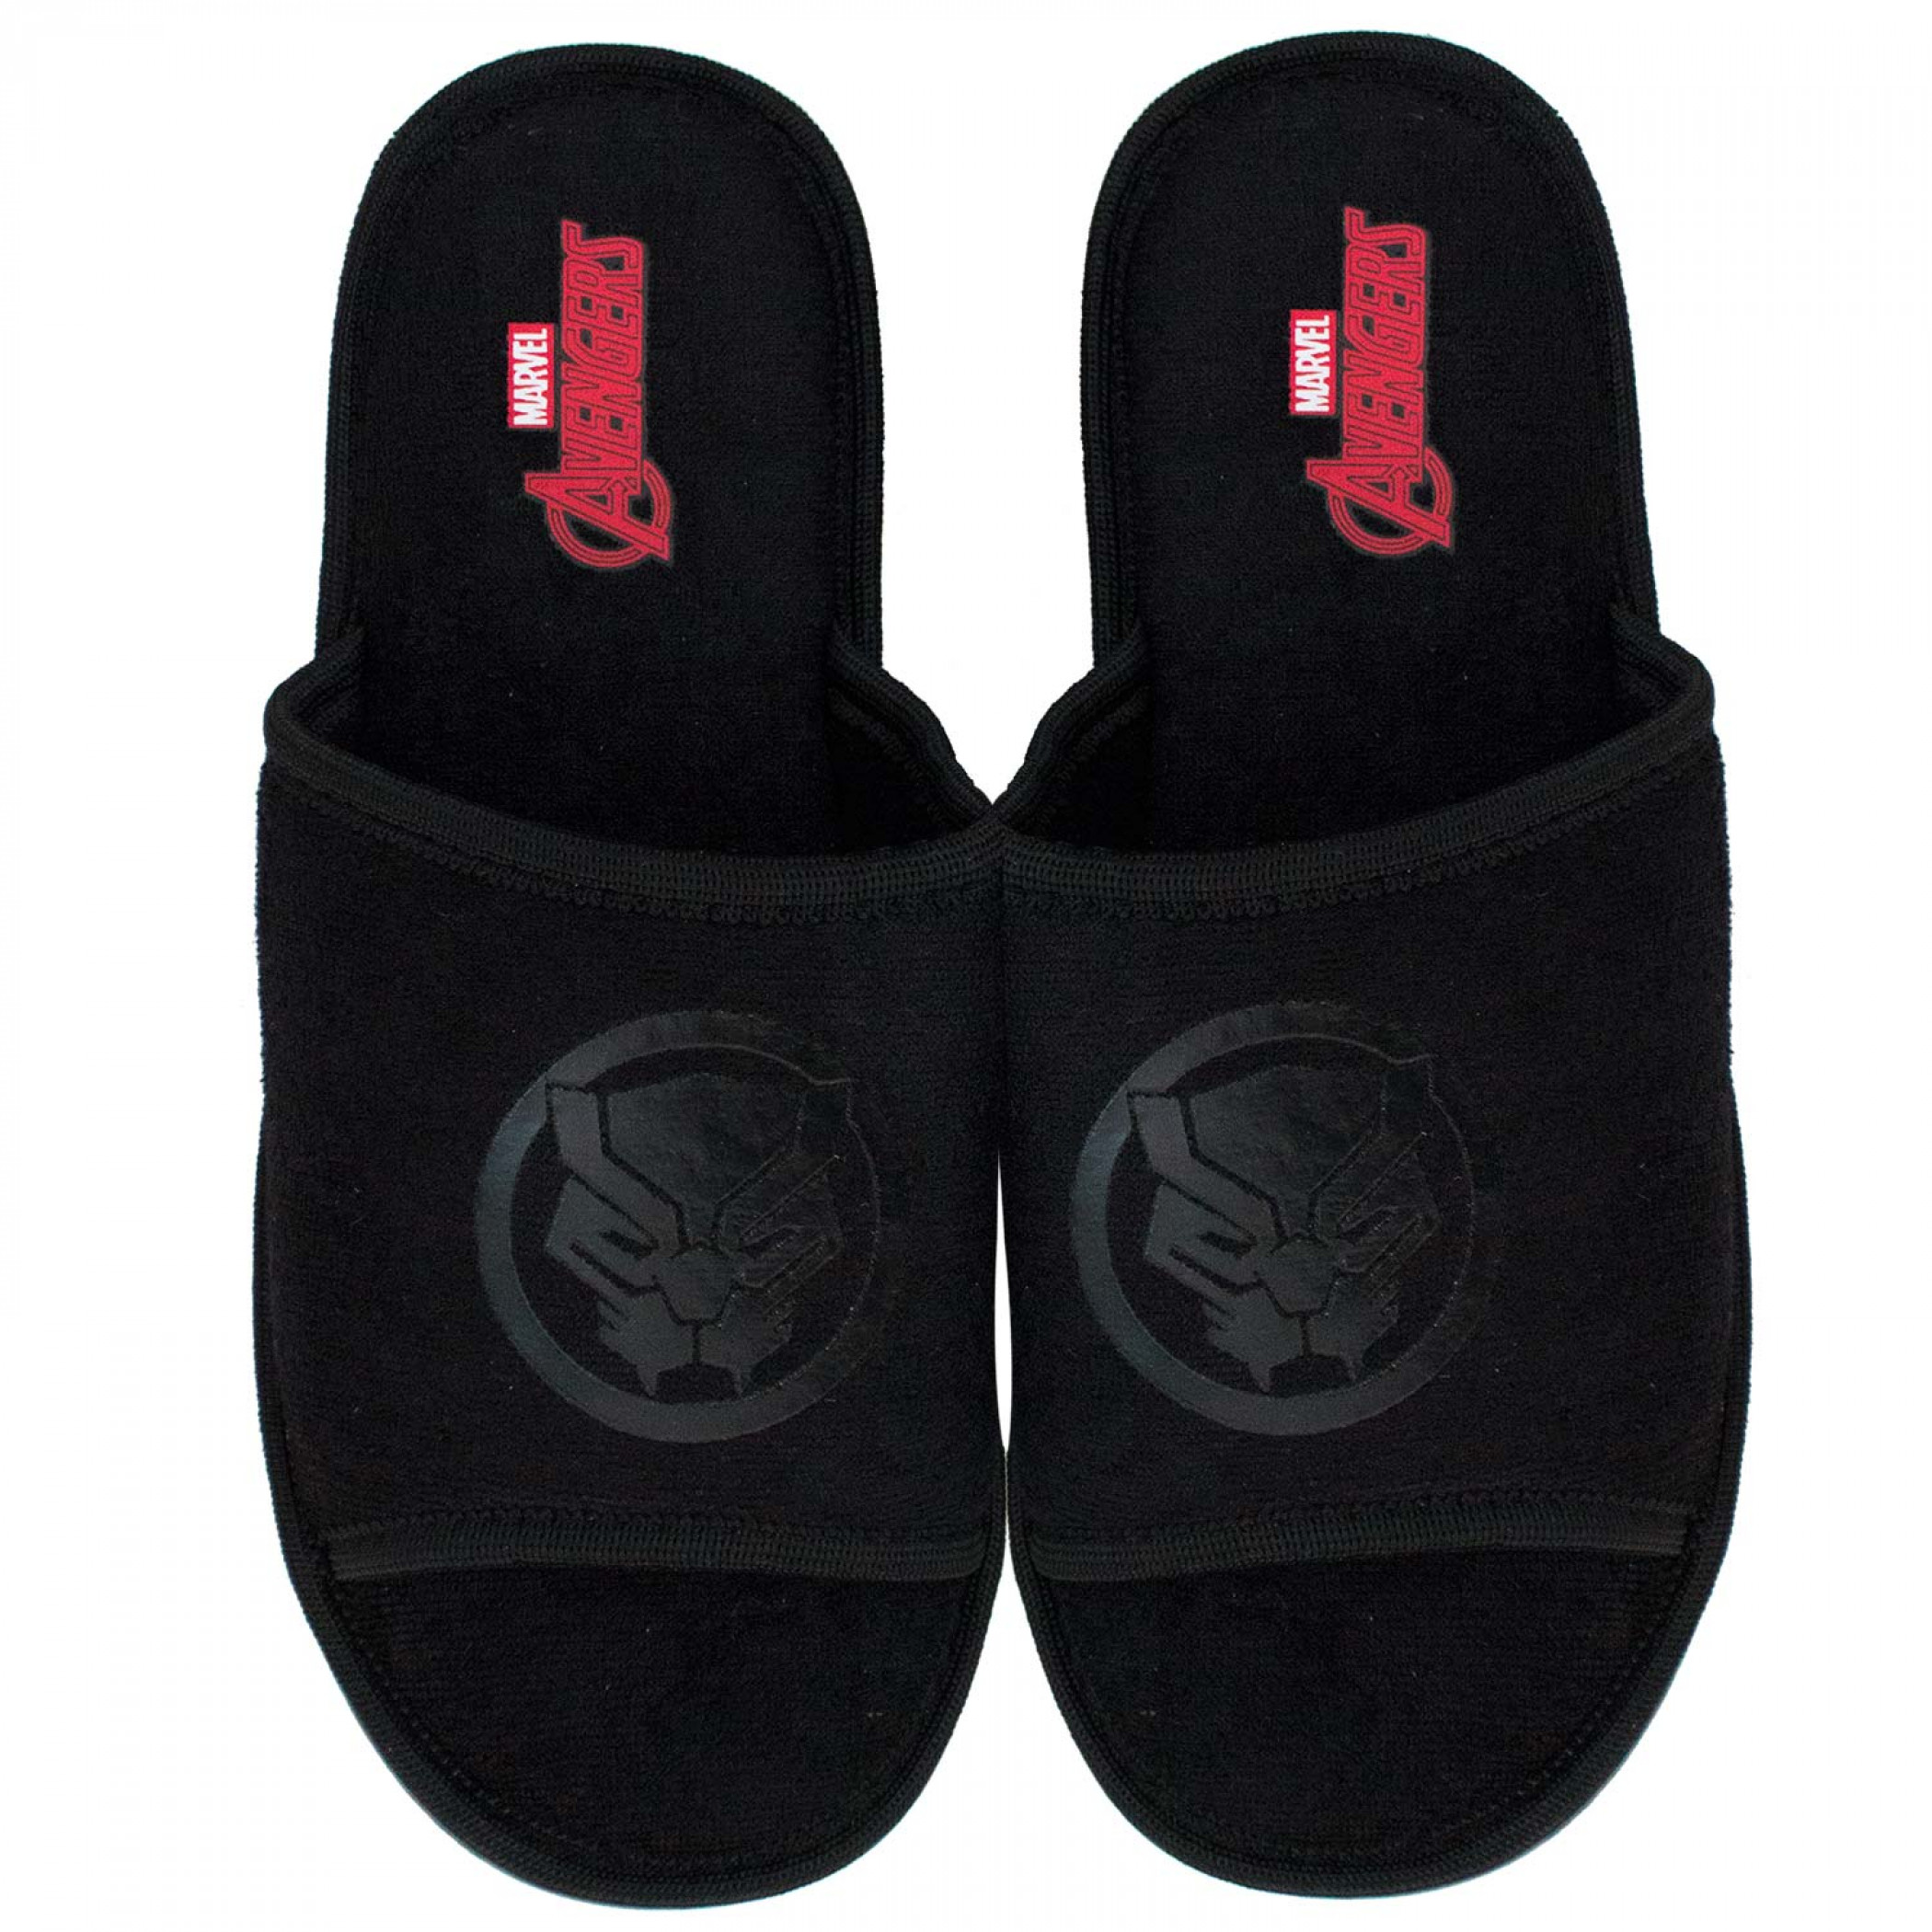 Black Panther Soccer Slides Black On Black Sandals